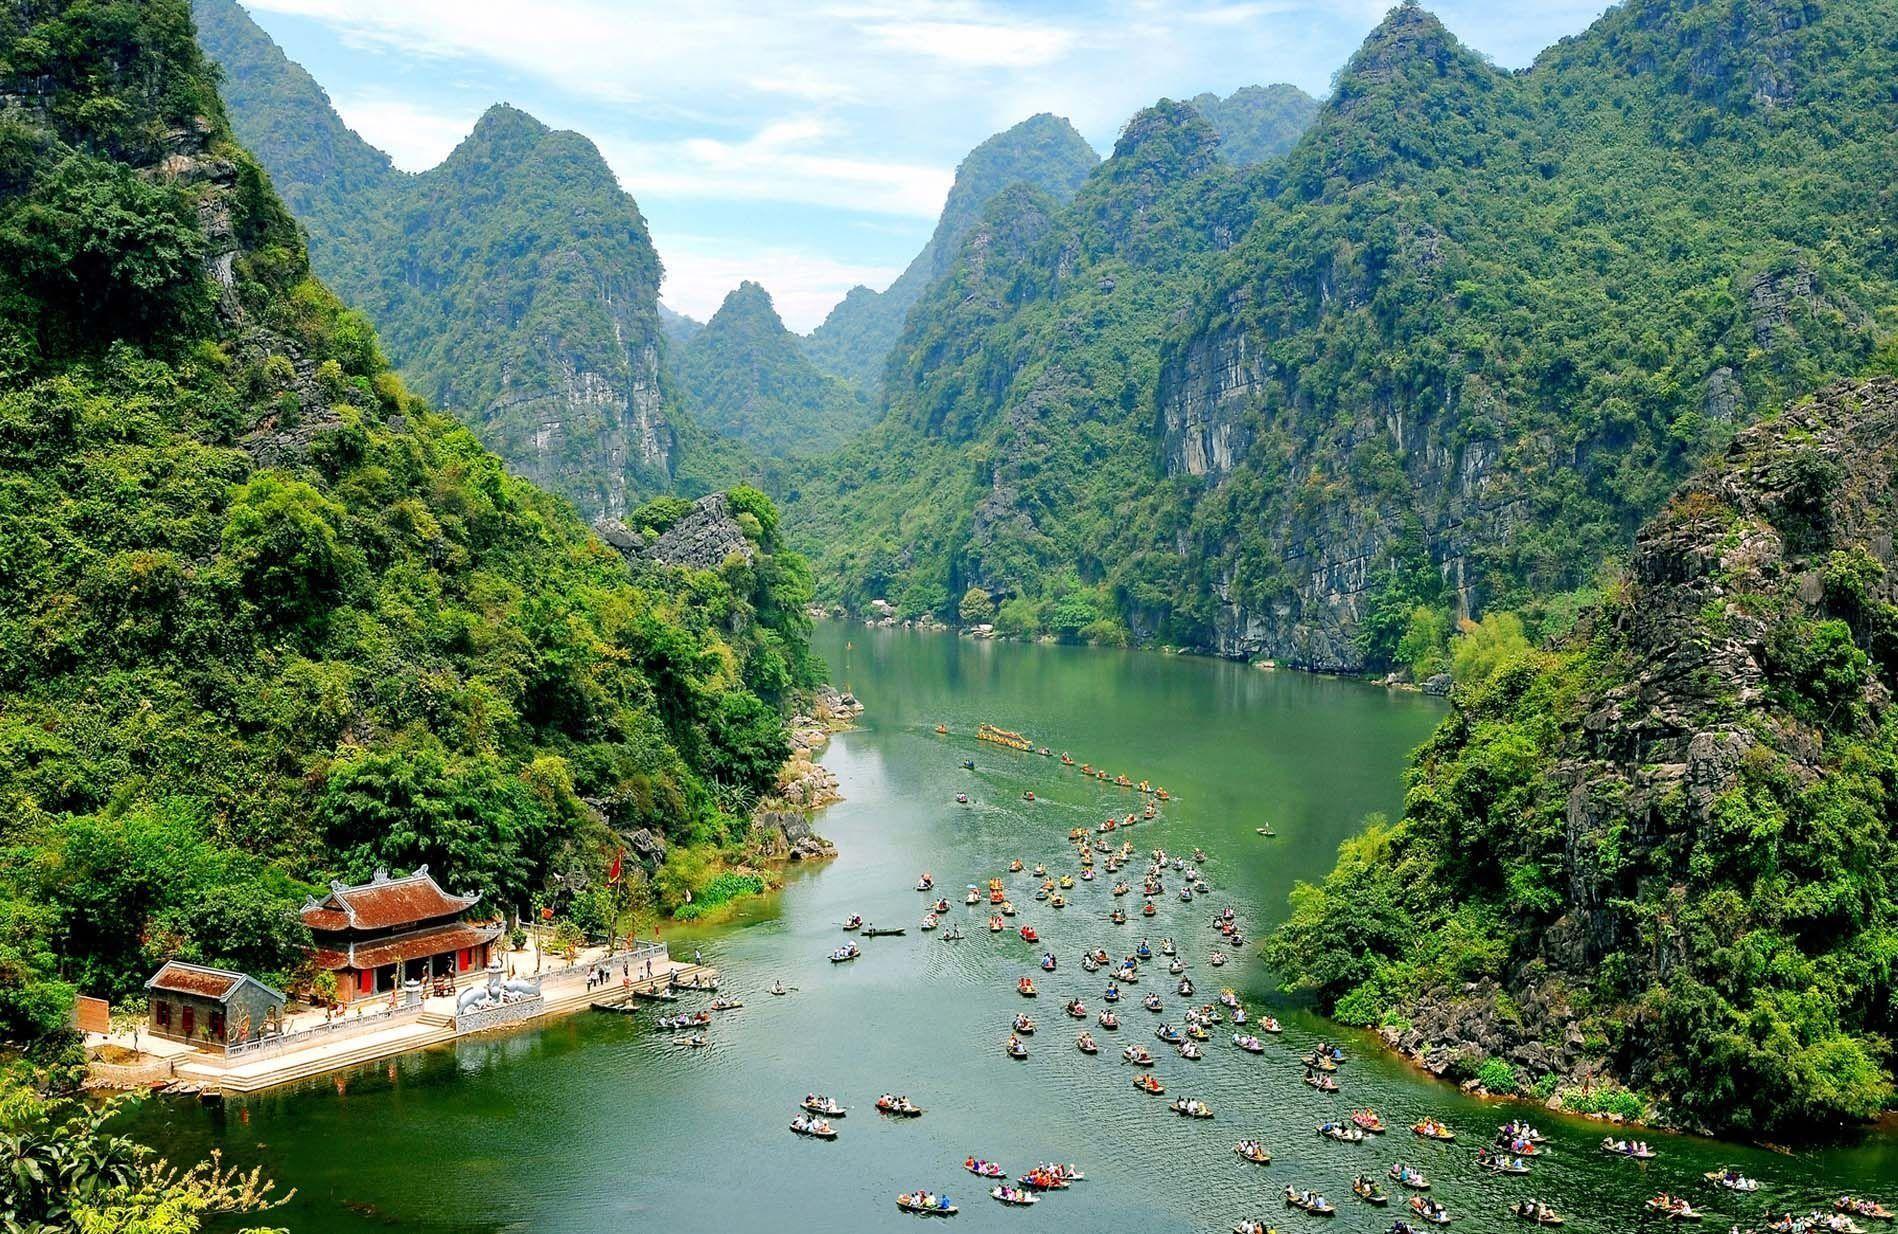 Luxury Ninh Binh - Trang An - Bich Dong Day Tour from Hanoi